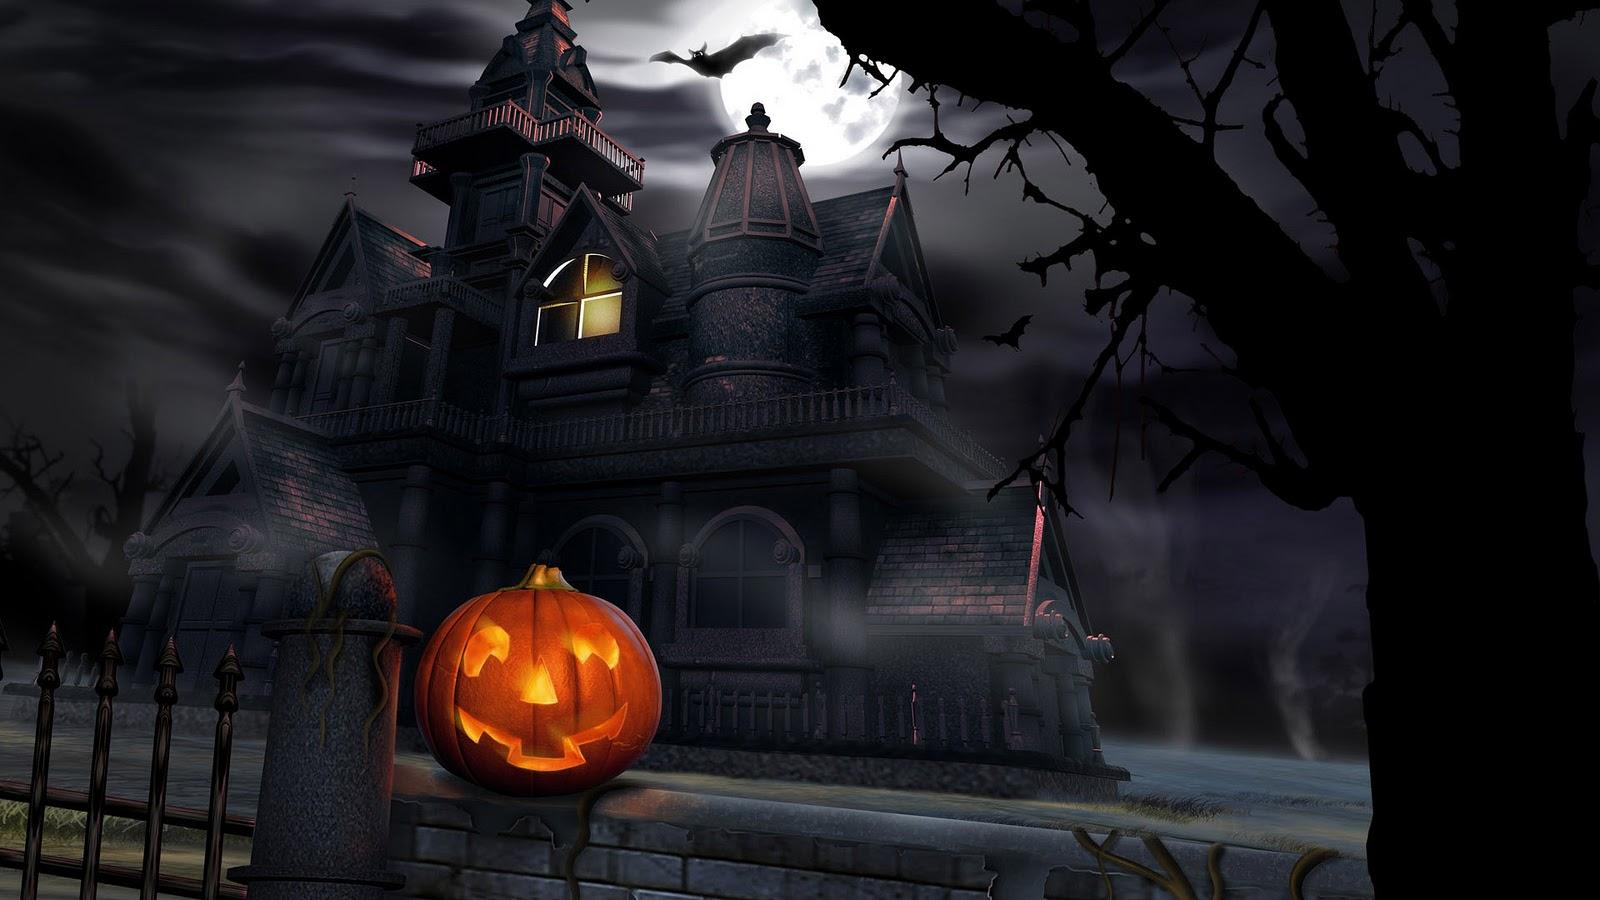 Hd Halloween Wallpapers Desktop Images amp Pictures   Becuo 1600x900